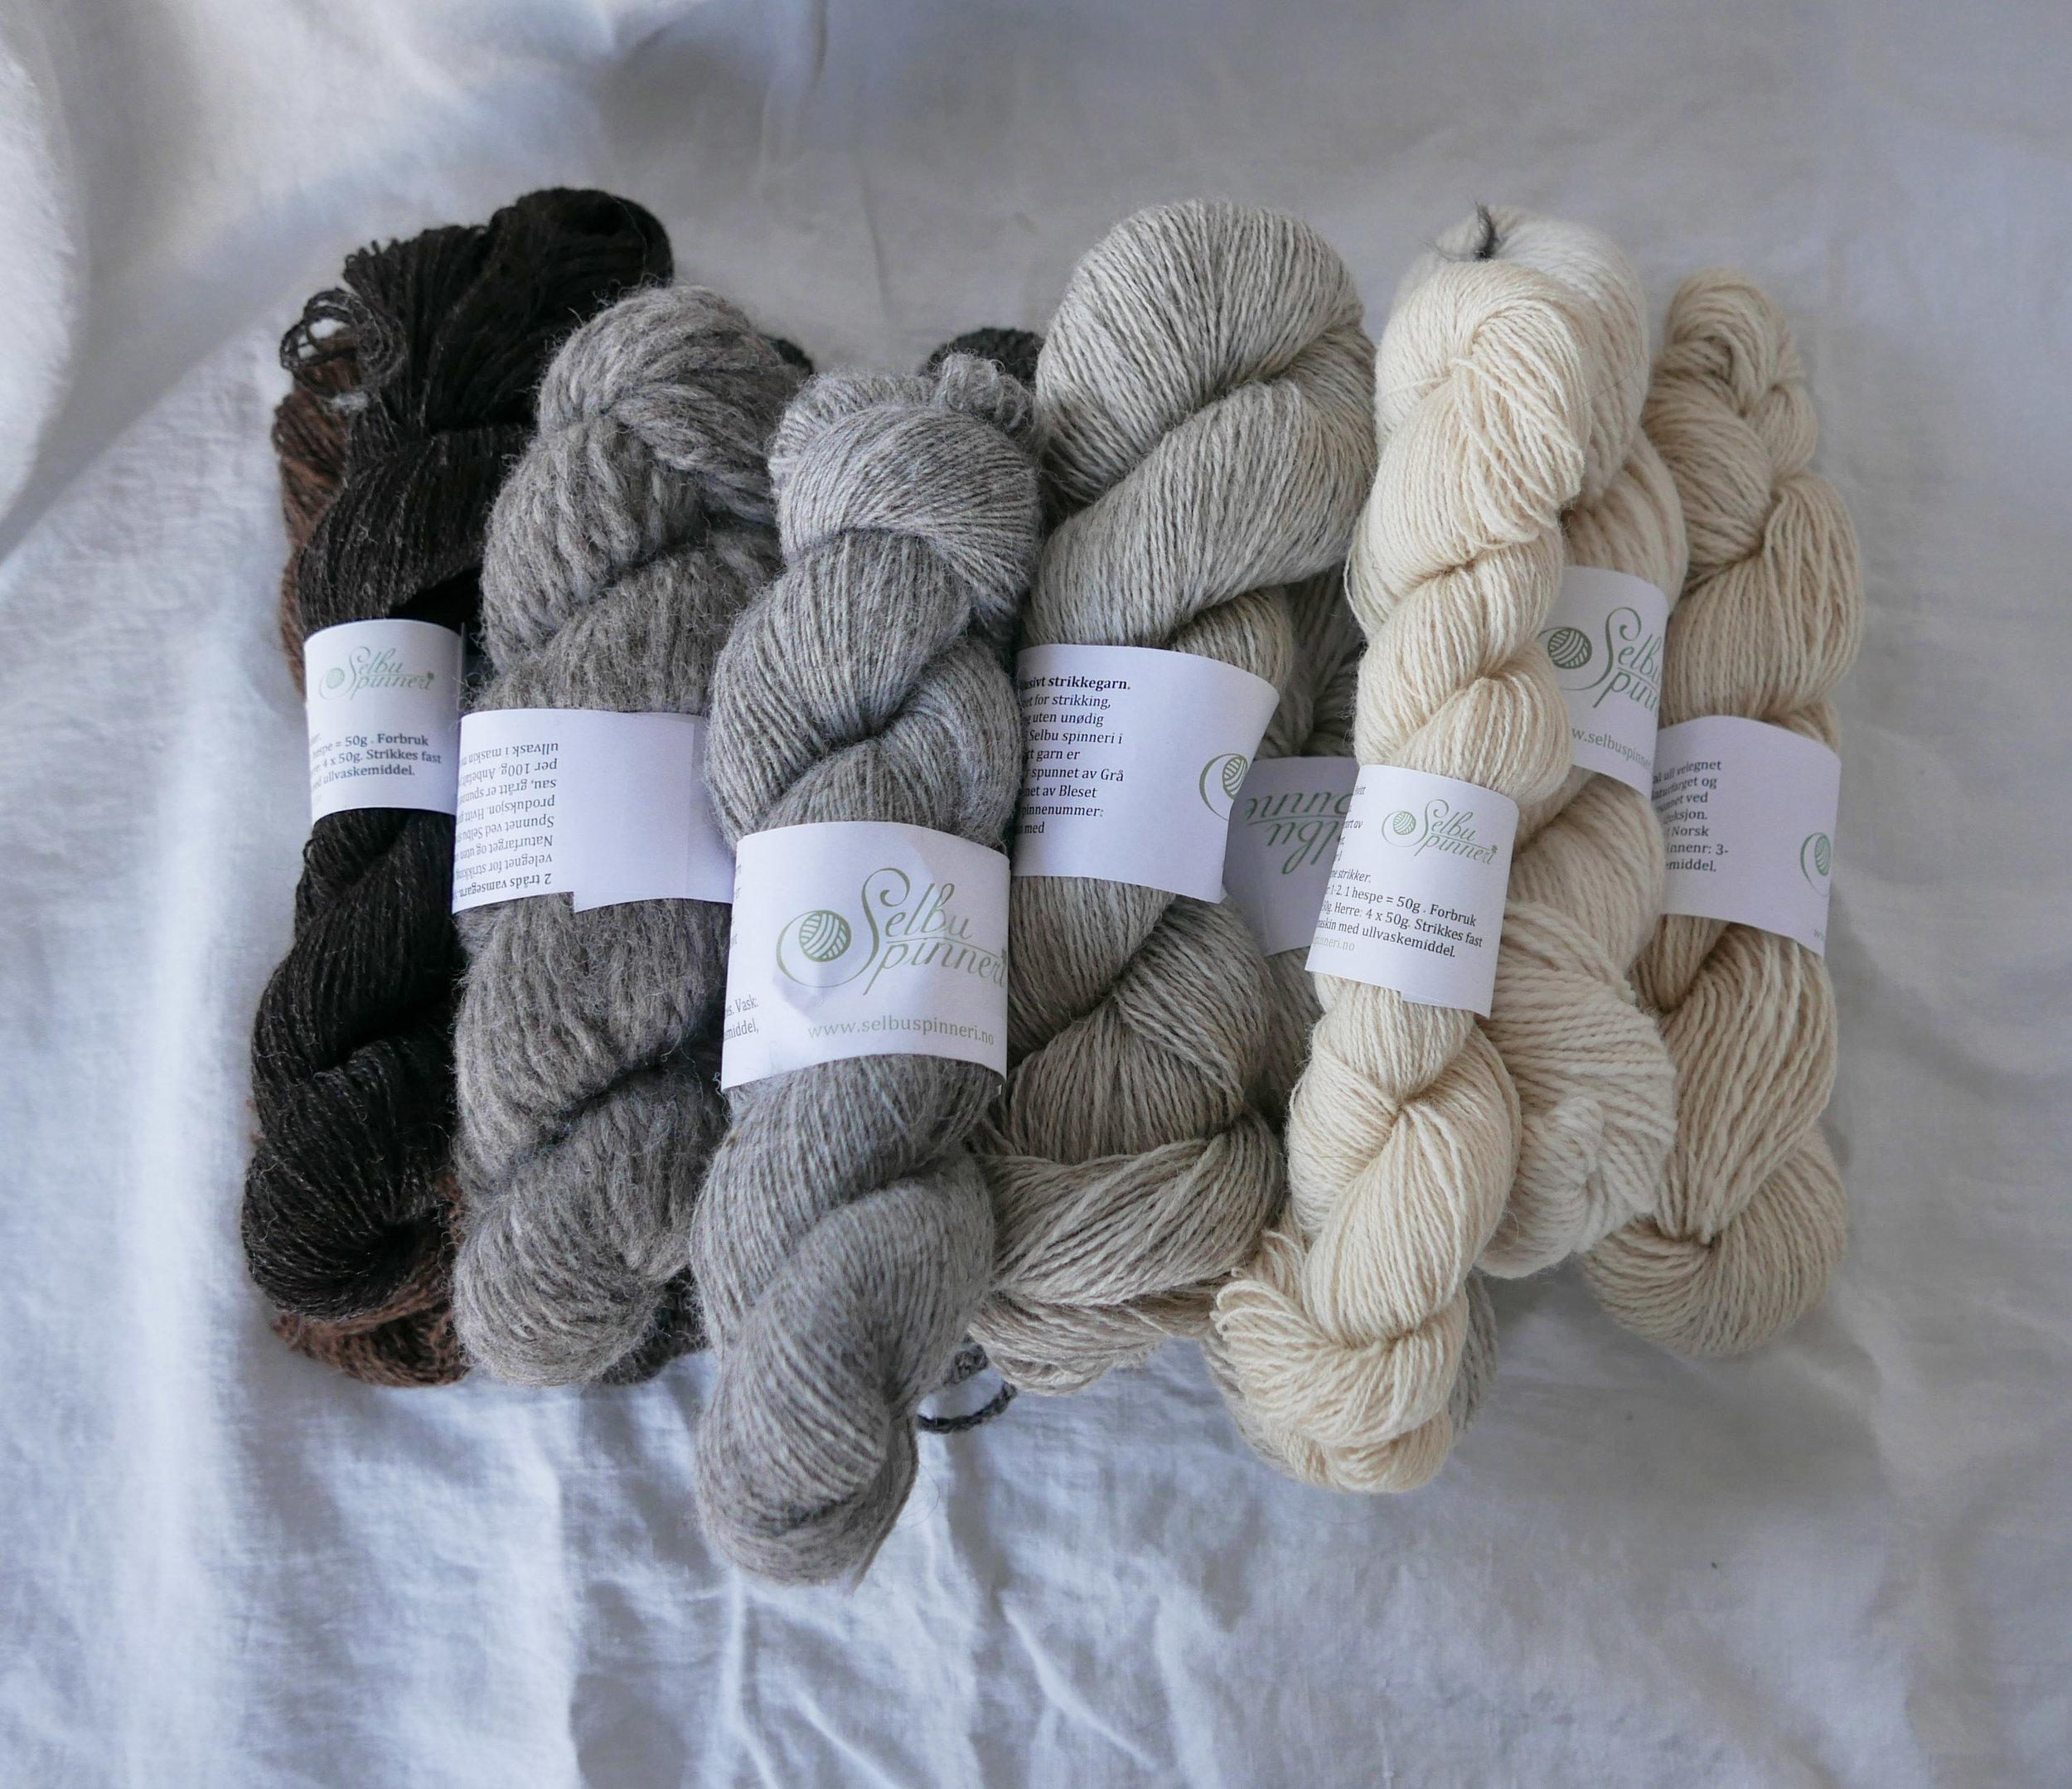 Spesielt utvalgt lokal ull velegnet for strikking, hekling og veving.